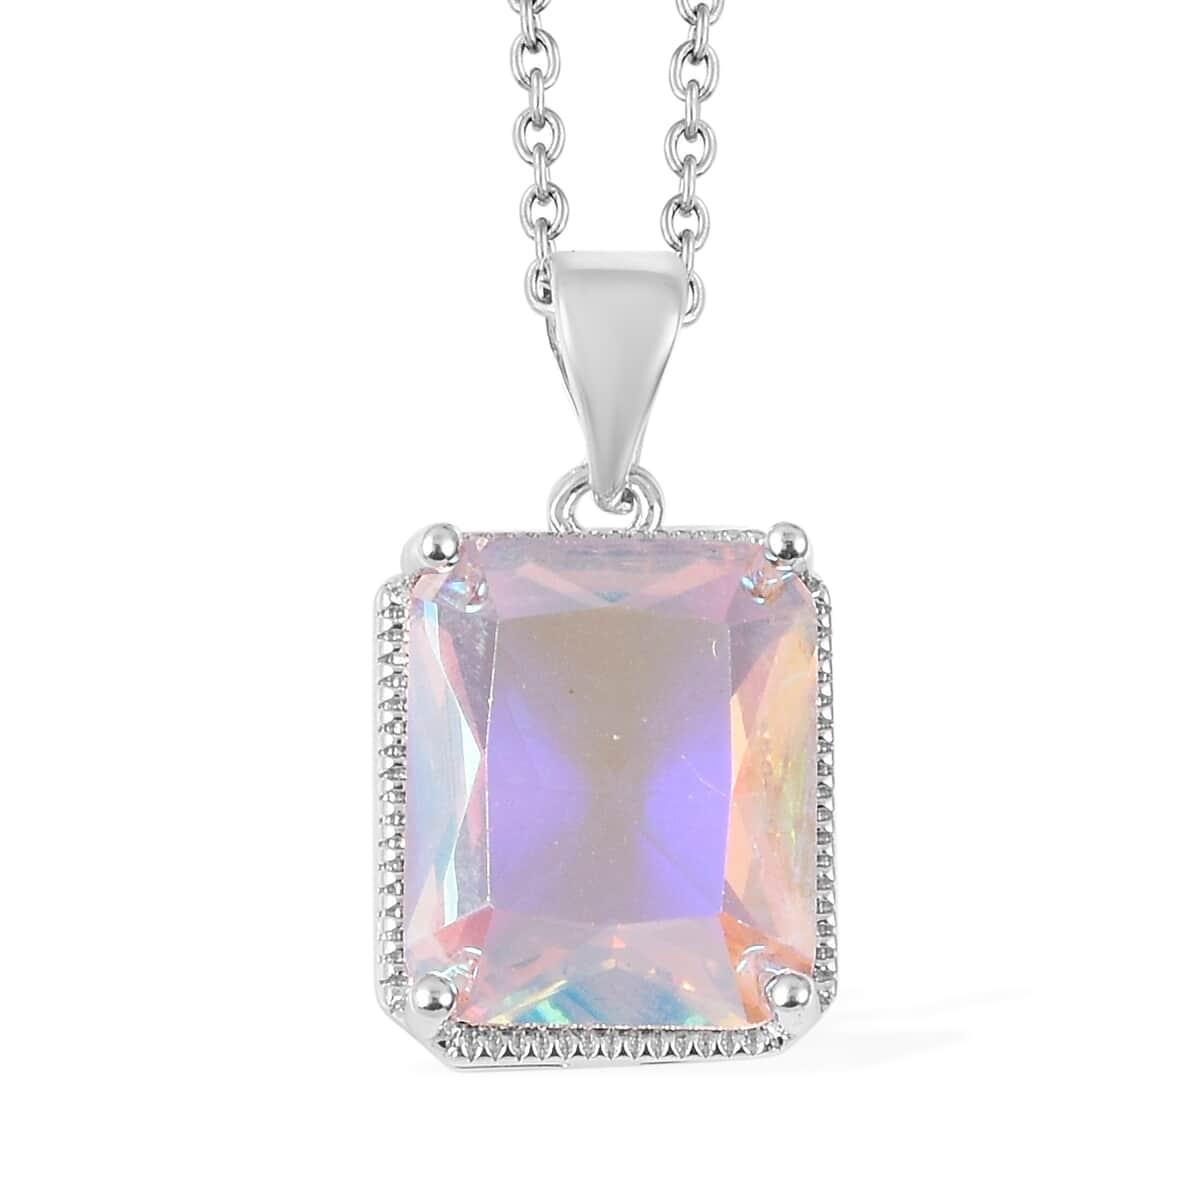 12-Color-Options-Cubic-Zirconia-Bracelet-Chain-Pendant-Necklace-Set-Adjustable thumbnail 50